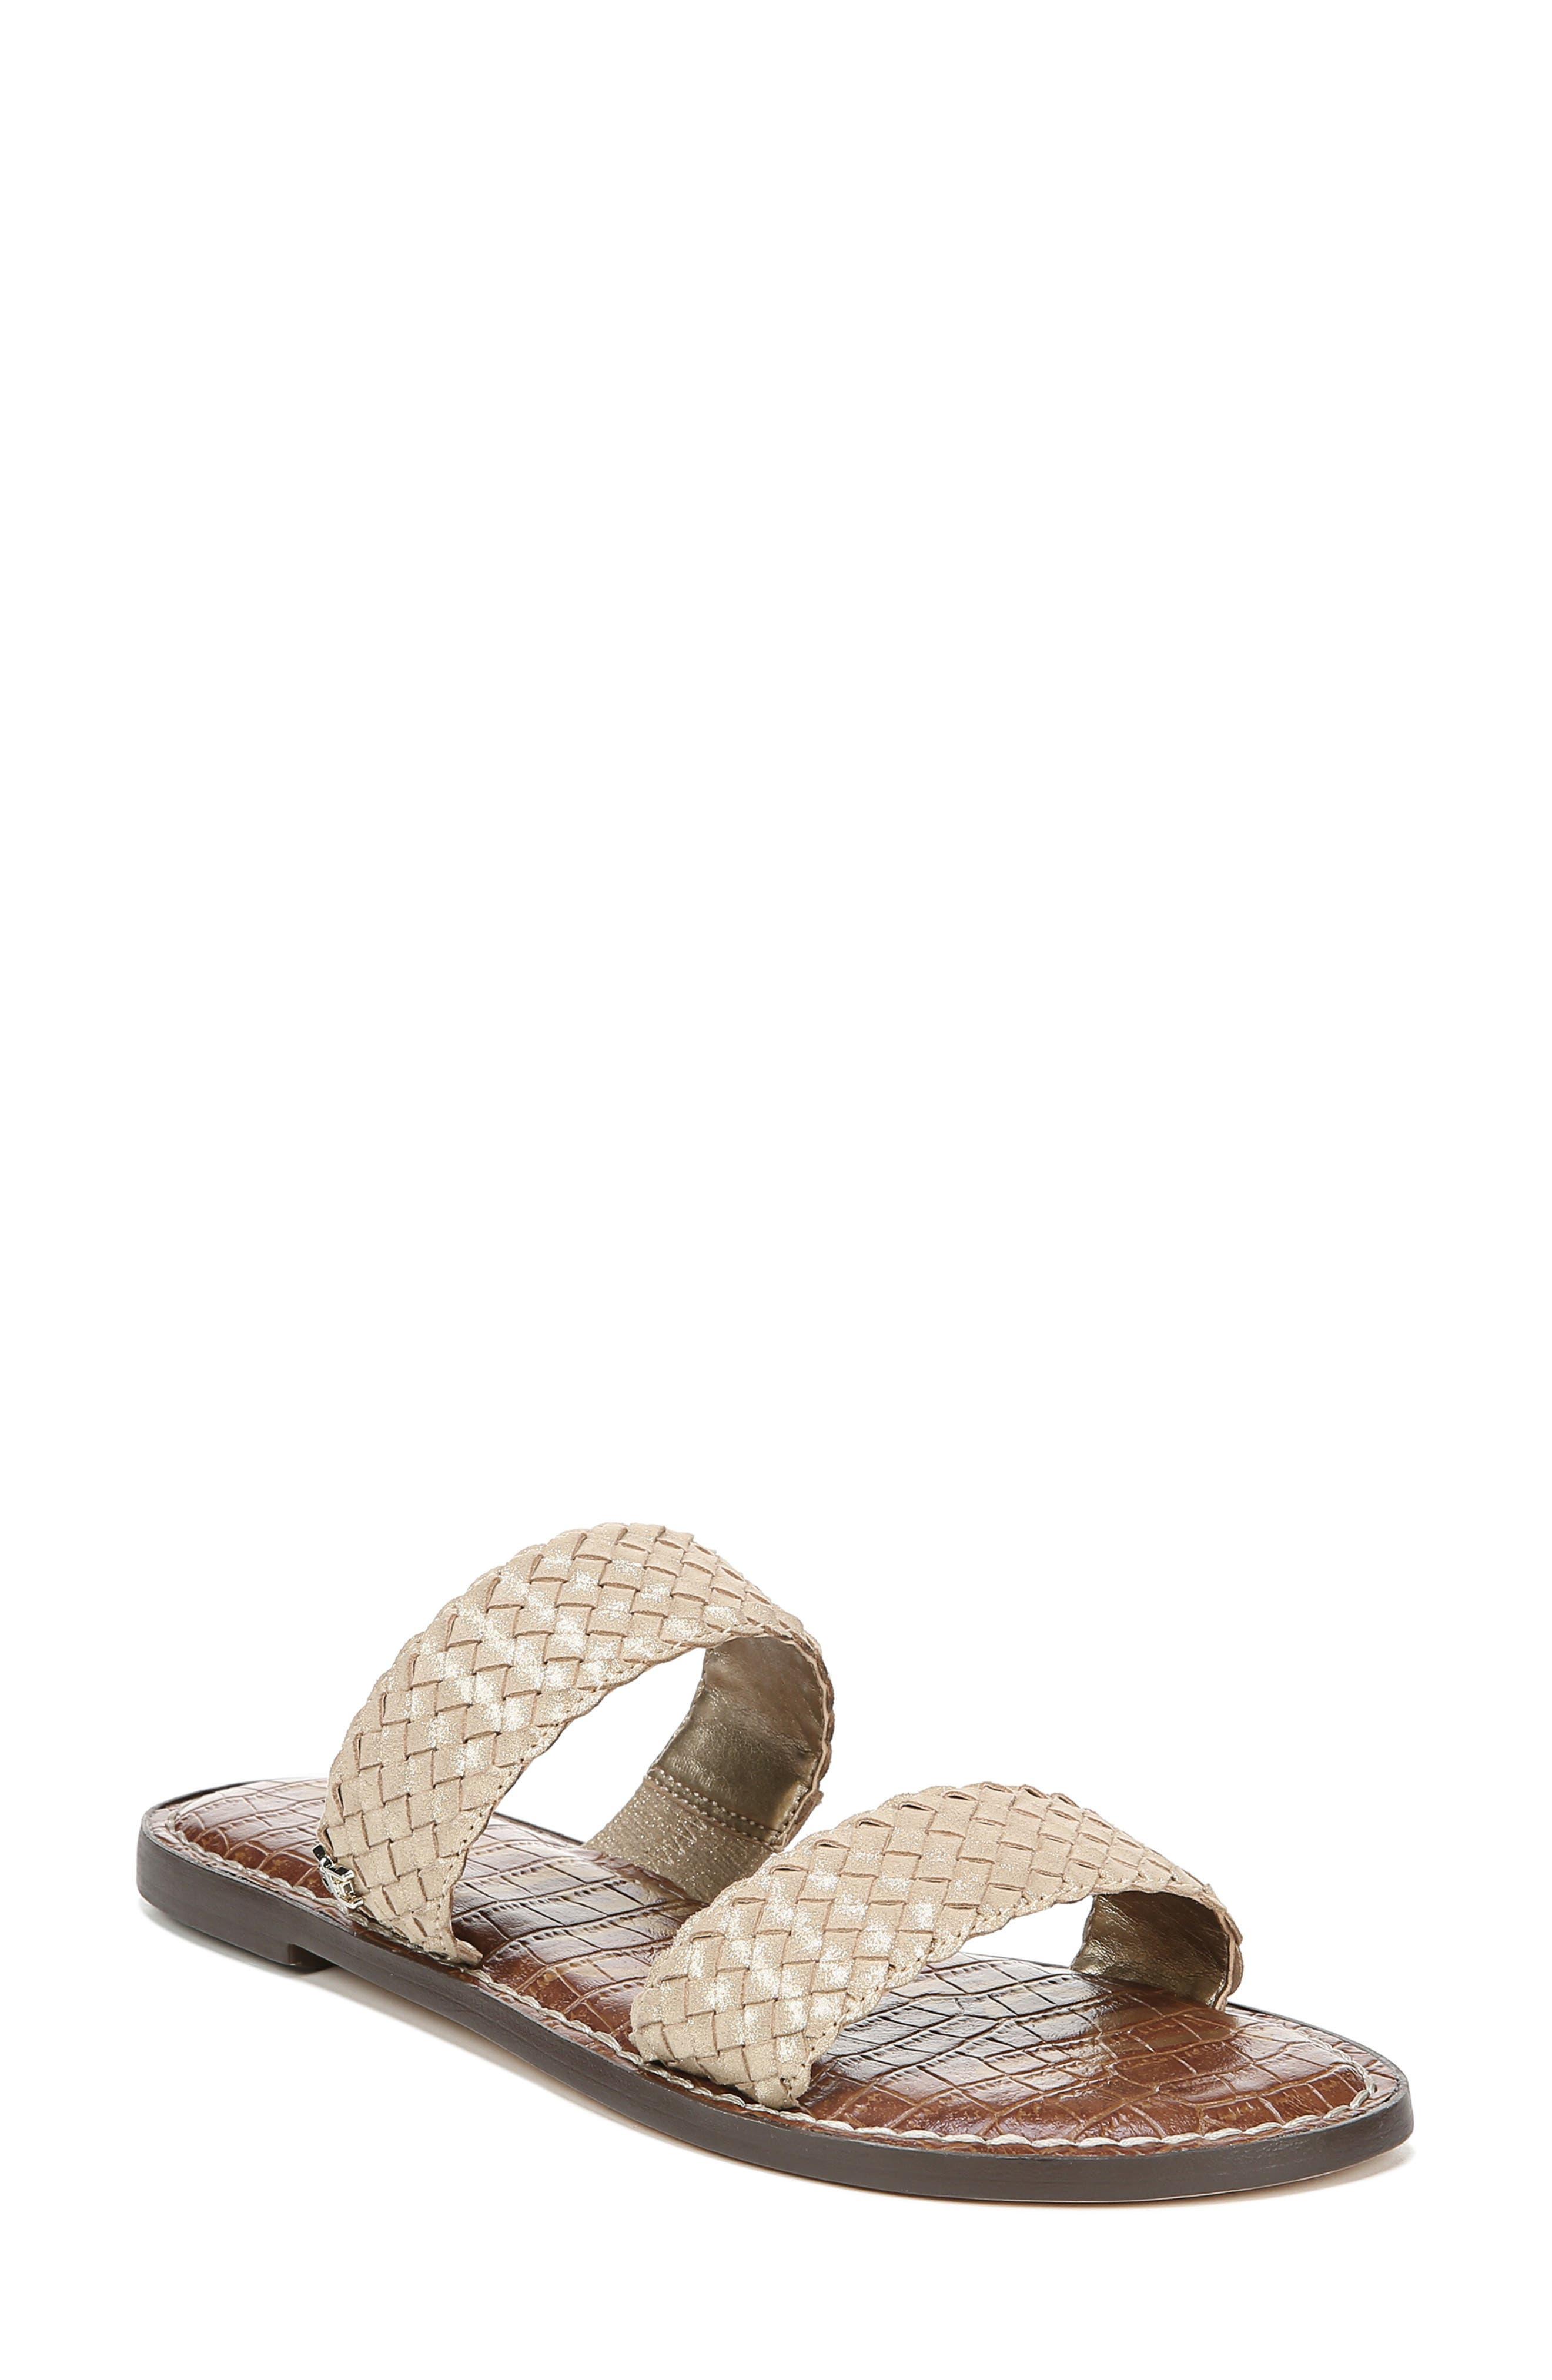 Sam Edelman Gala Two Strap Slide Sandal, Metallic